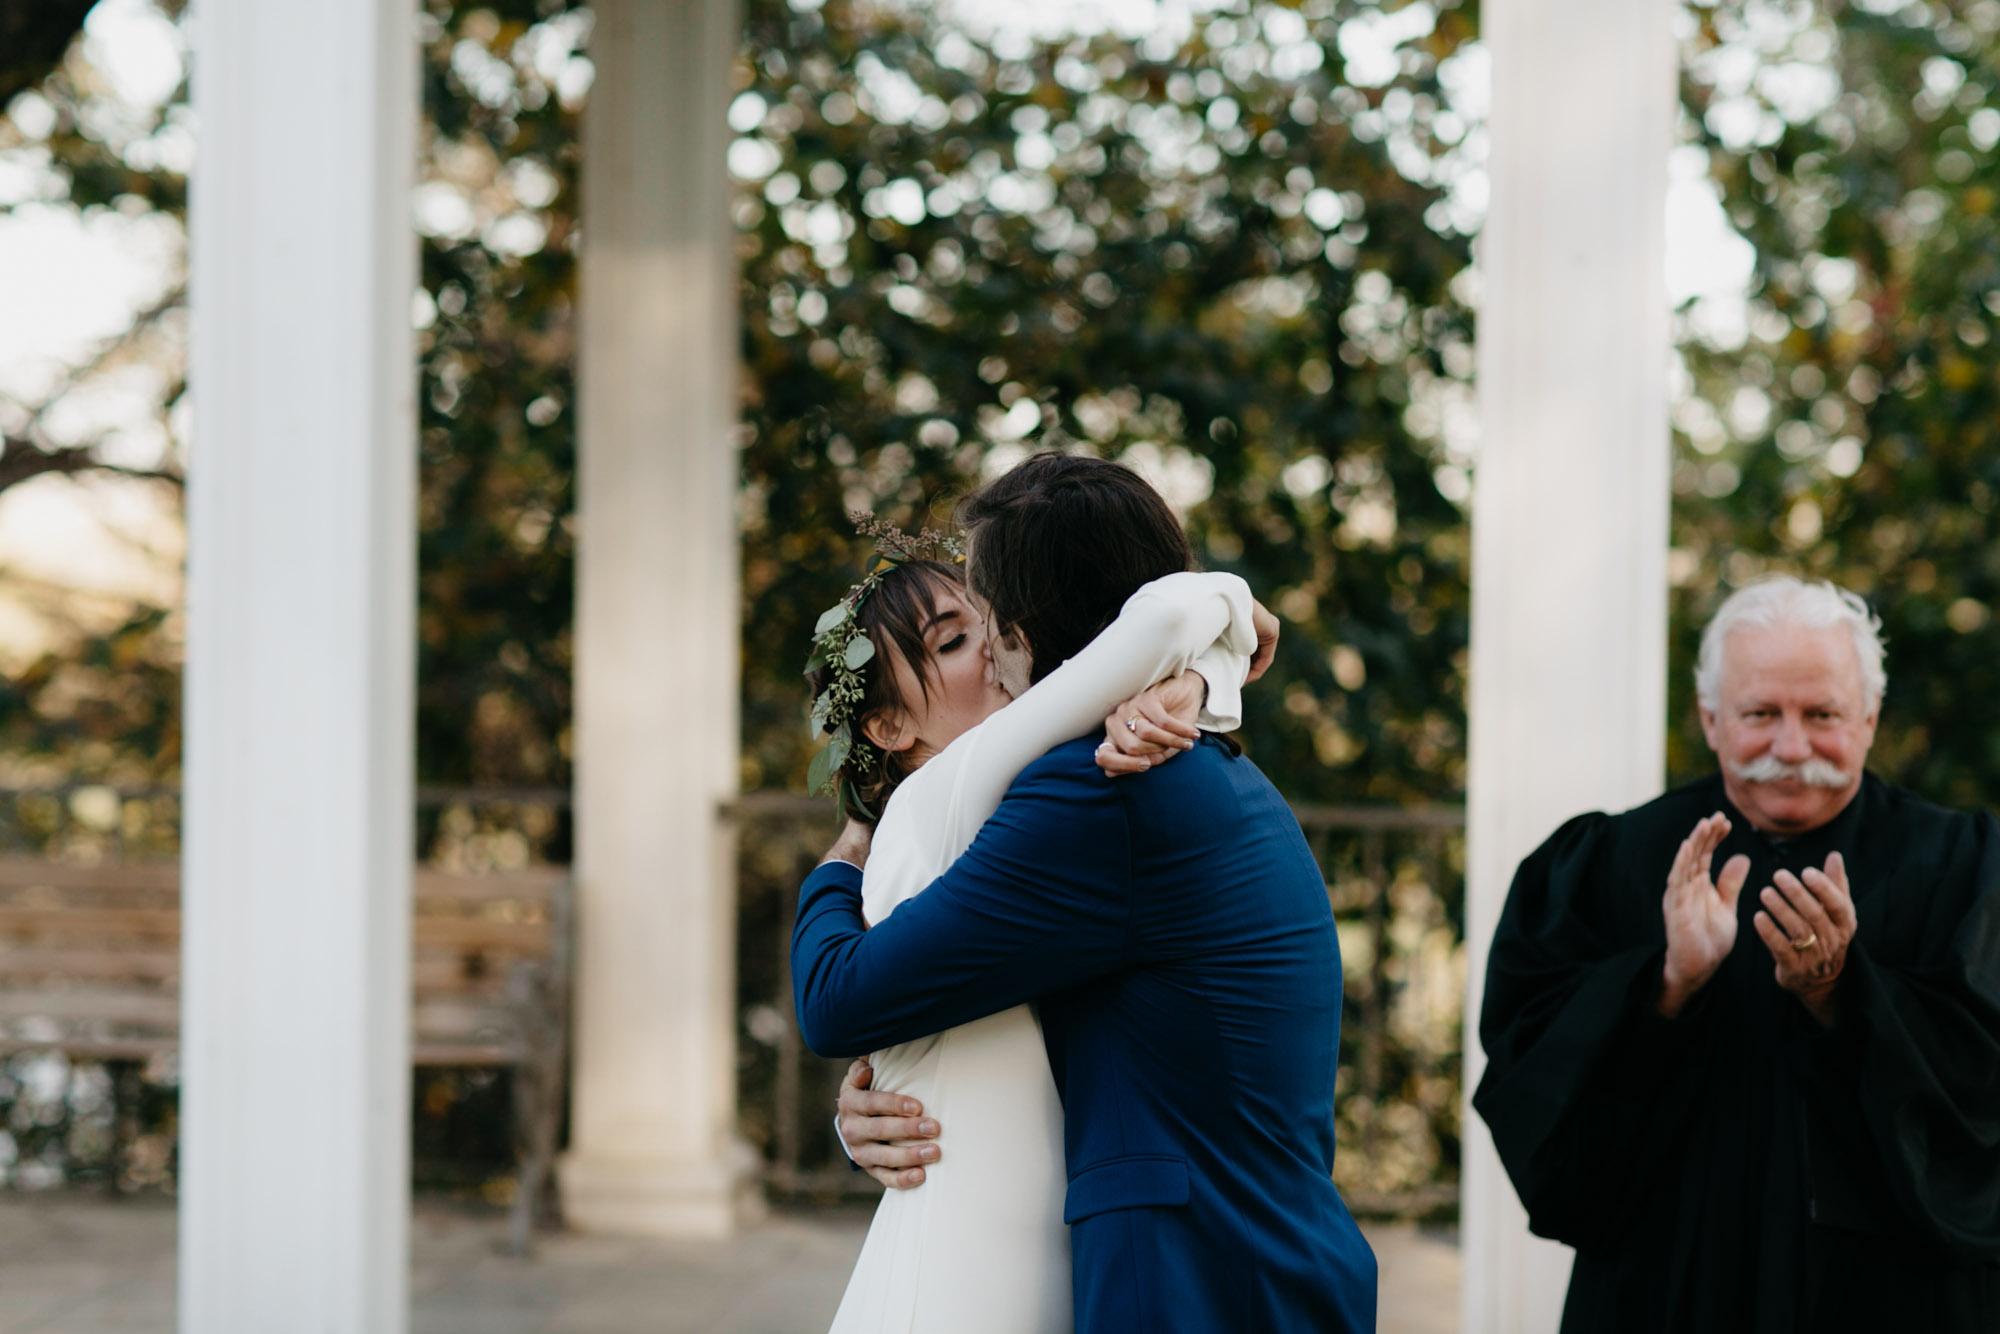 omaha-elopement-photographer-26.jpg